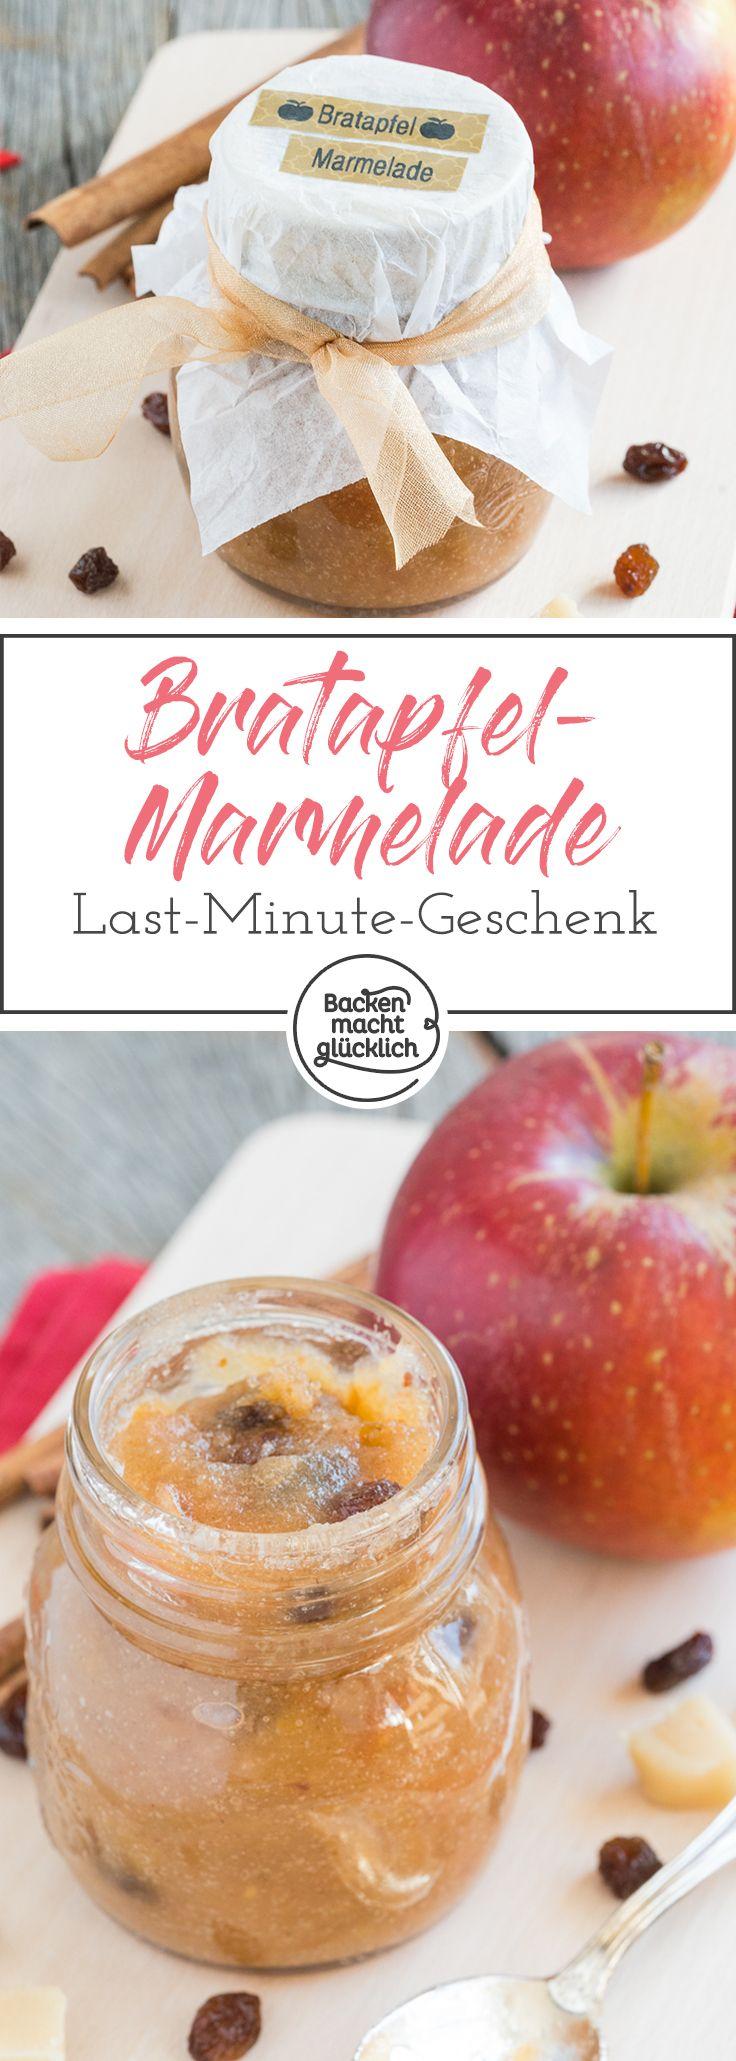 Diese leckere Bratapfelmarmelade ist ein tolles Last-Minute-Geschenk aus der Küche. Mit gebackenen Äpfeln, Zimt und Marzipan ist die Wintermarmelade einfach nur köstlich.